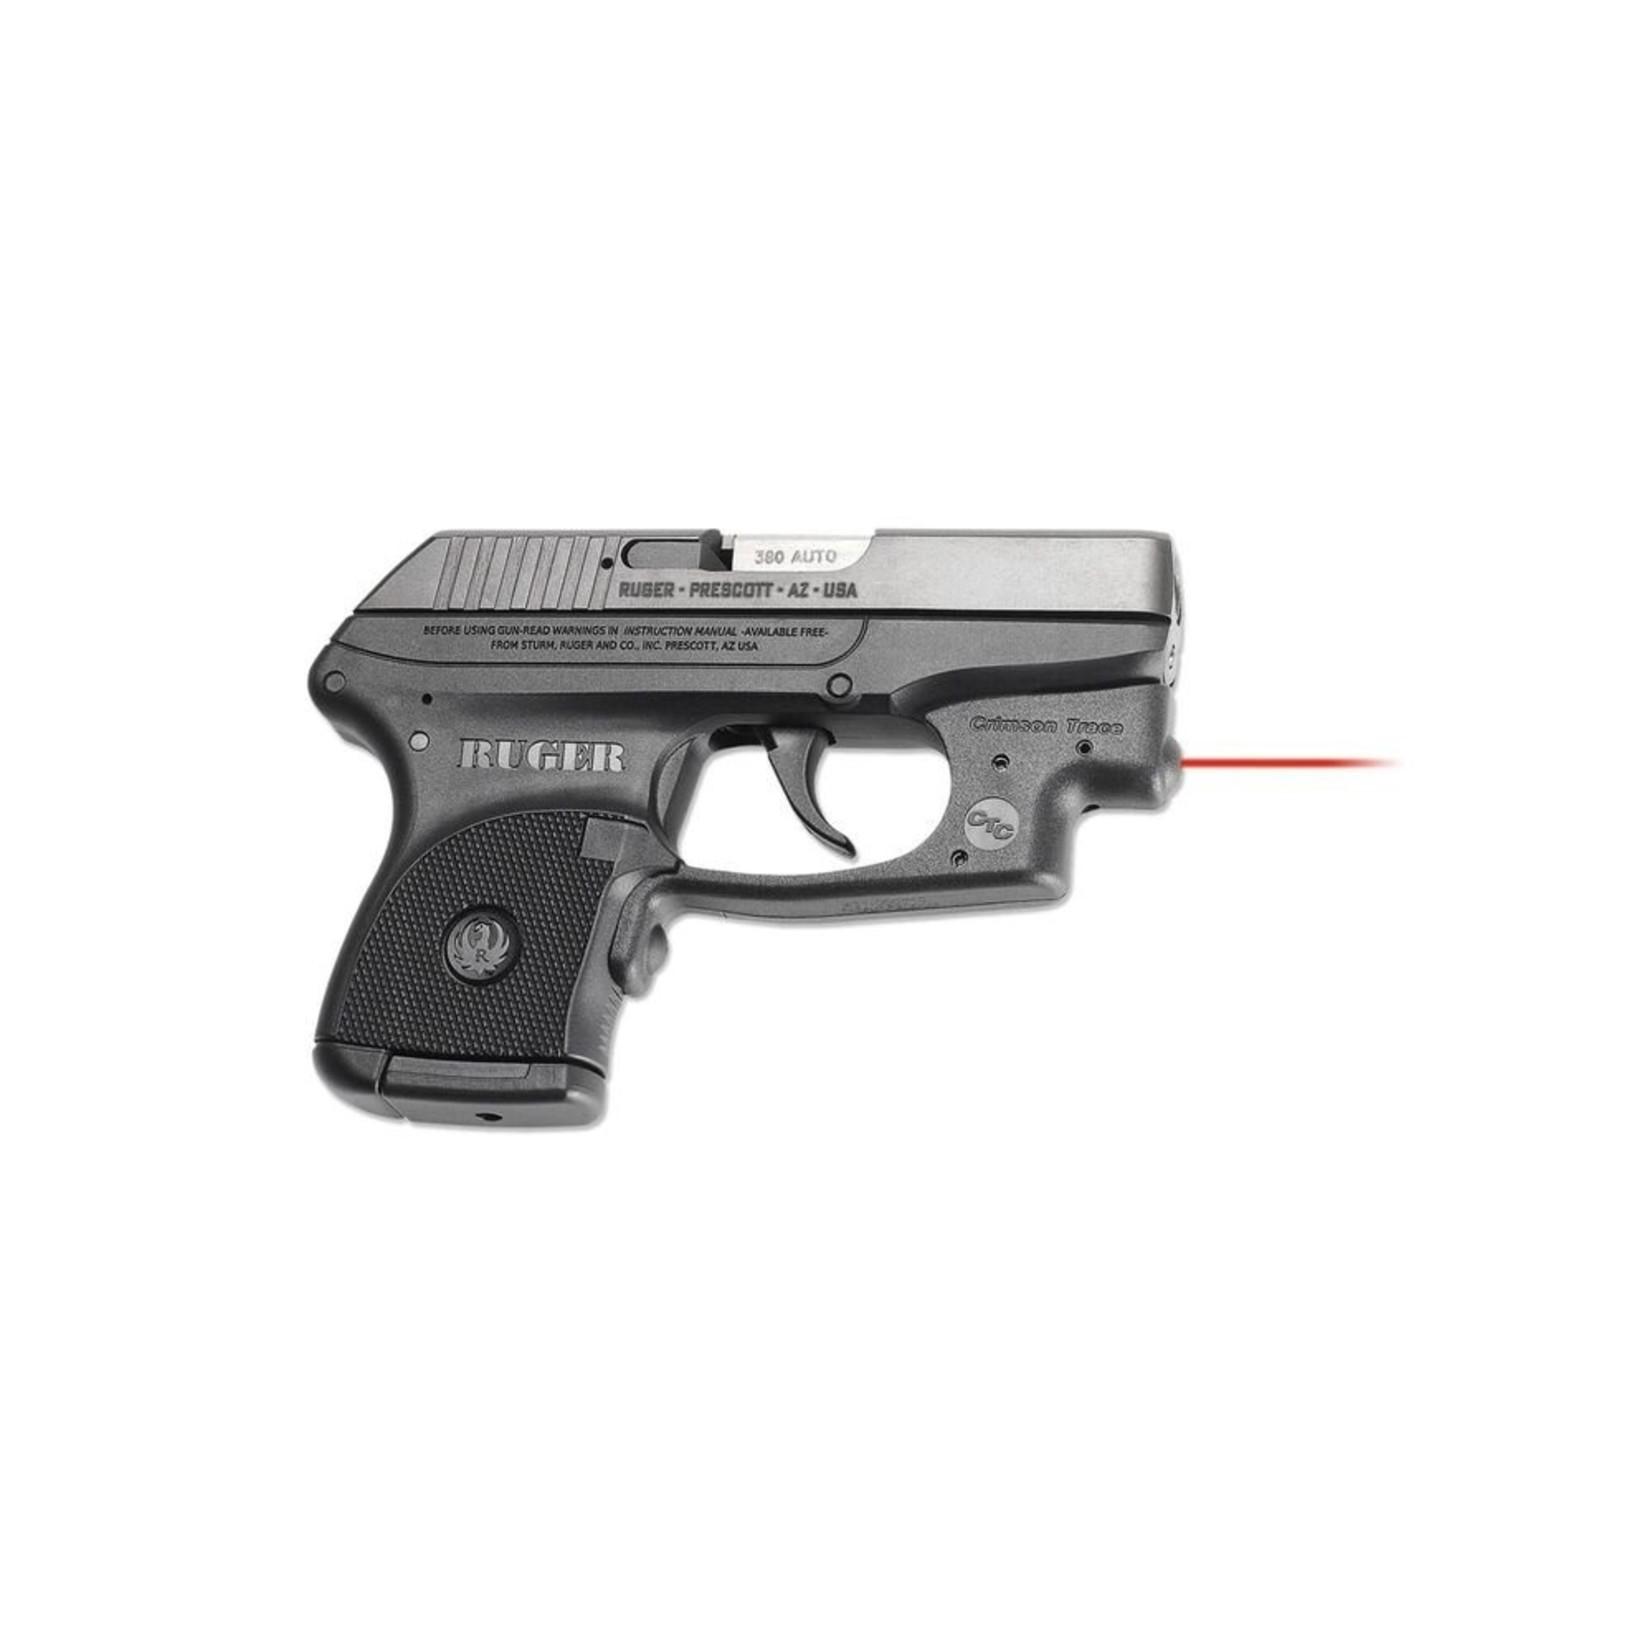 Laserguard Laser Sight, Blk, Pressure Sensor